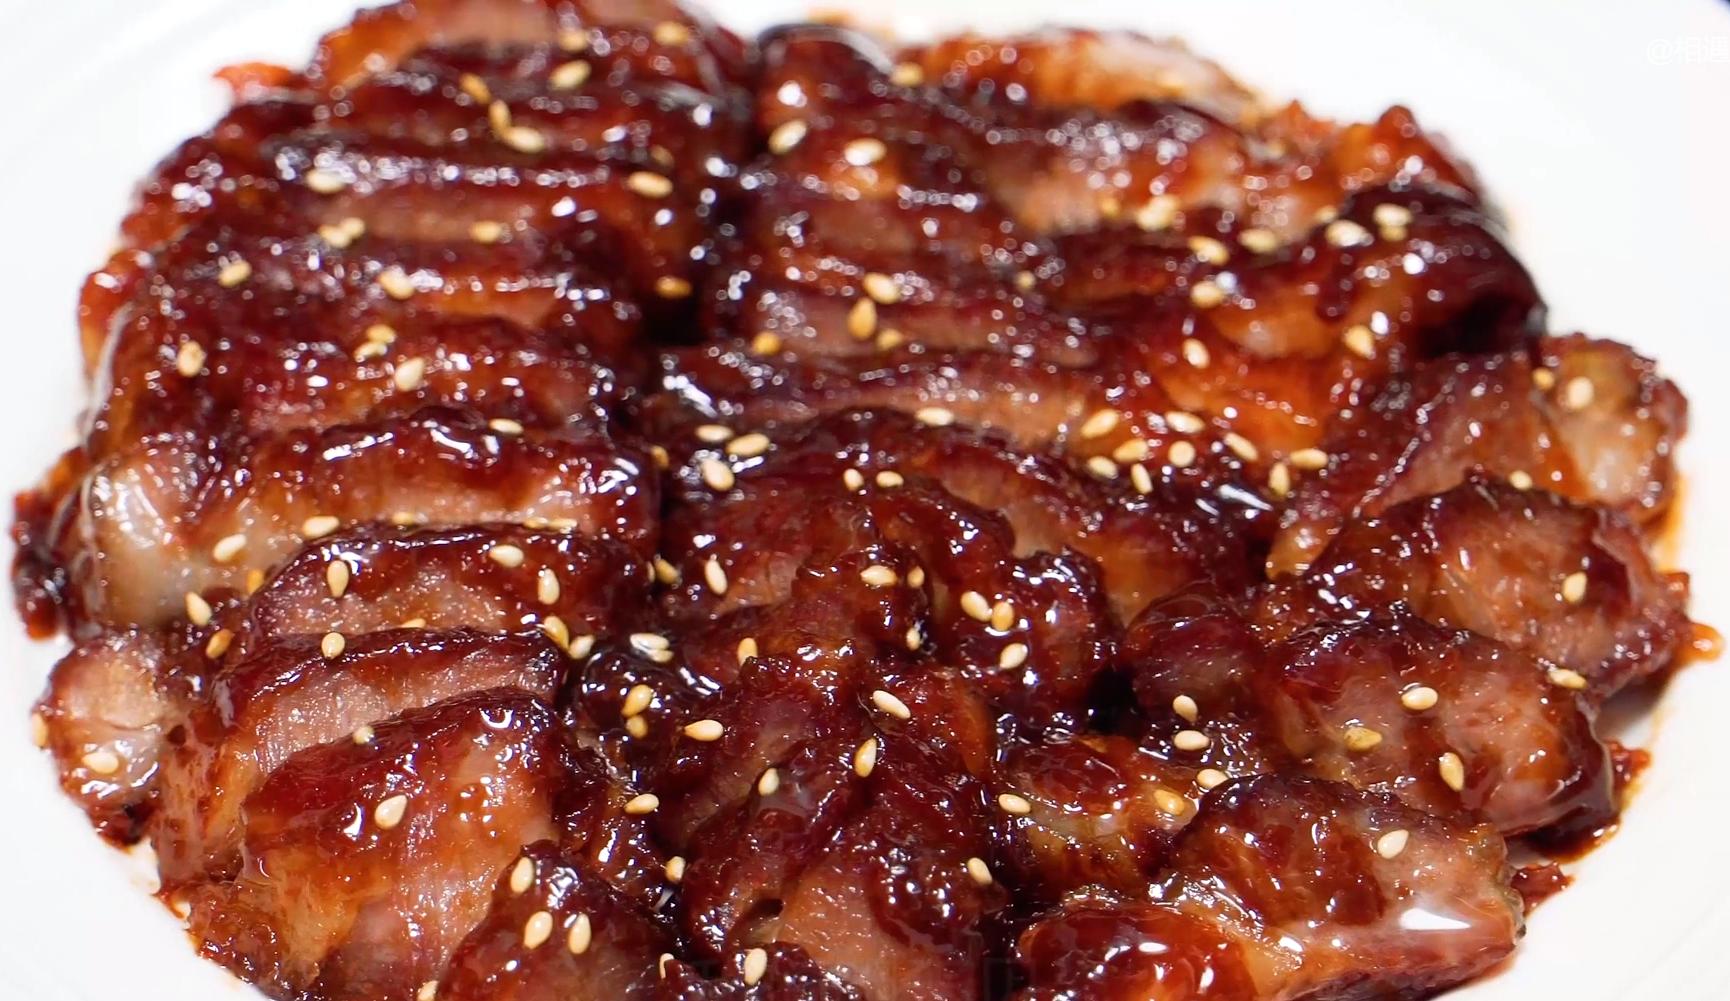 蜜汁叉燒肉,一個電飯煲就能輕鬆搞定,鮮嫩多汁,好吃到停不下來